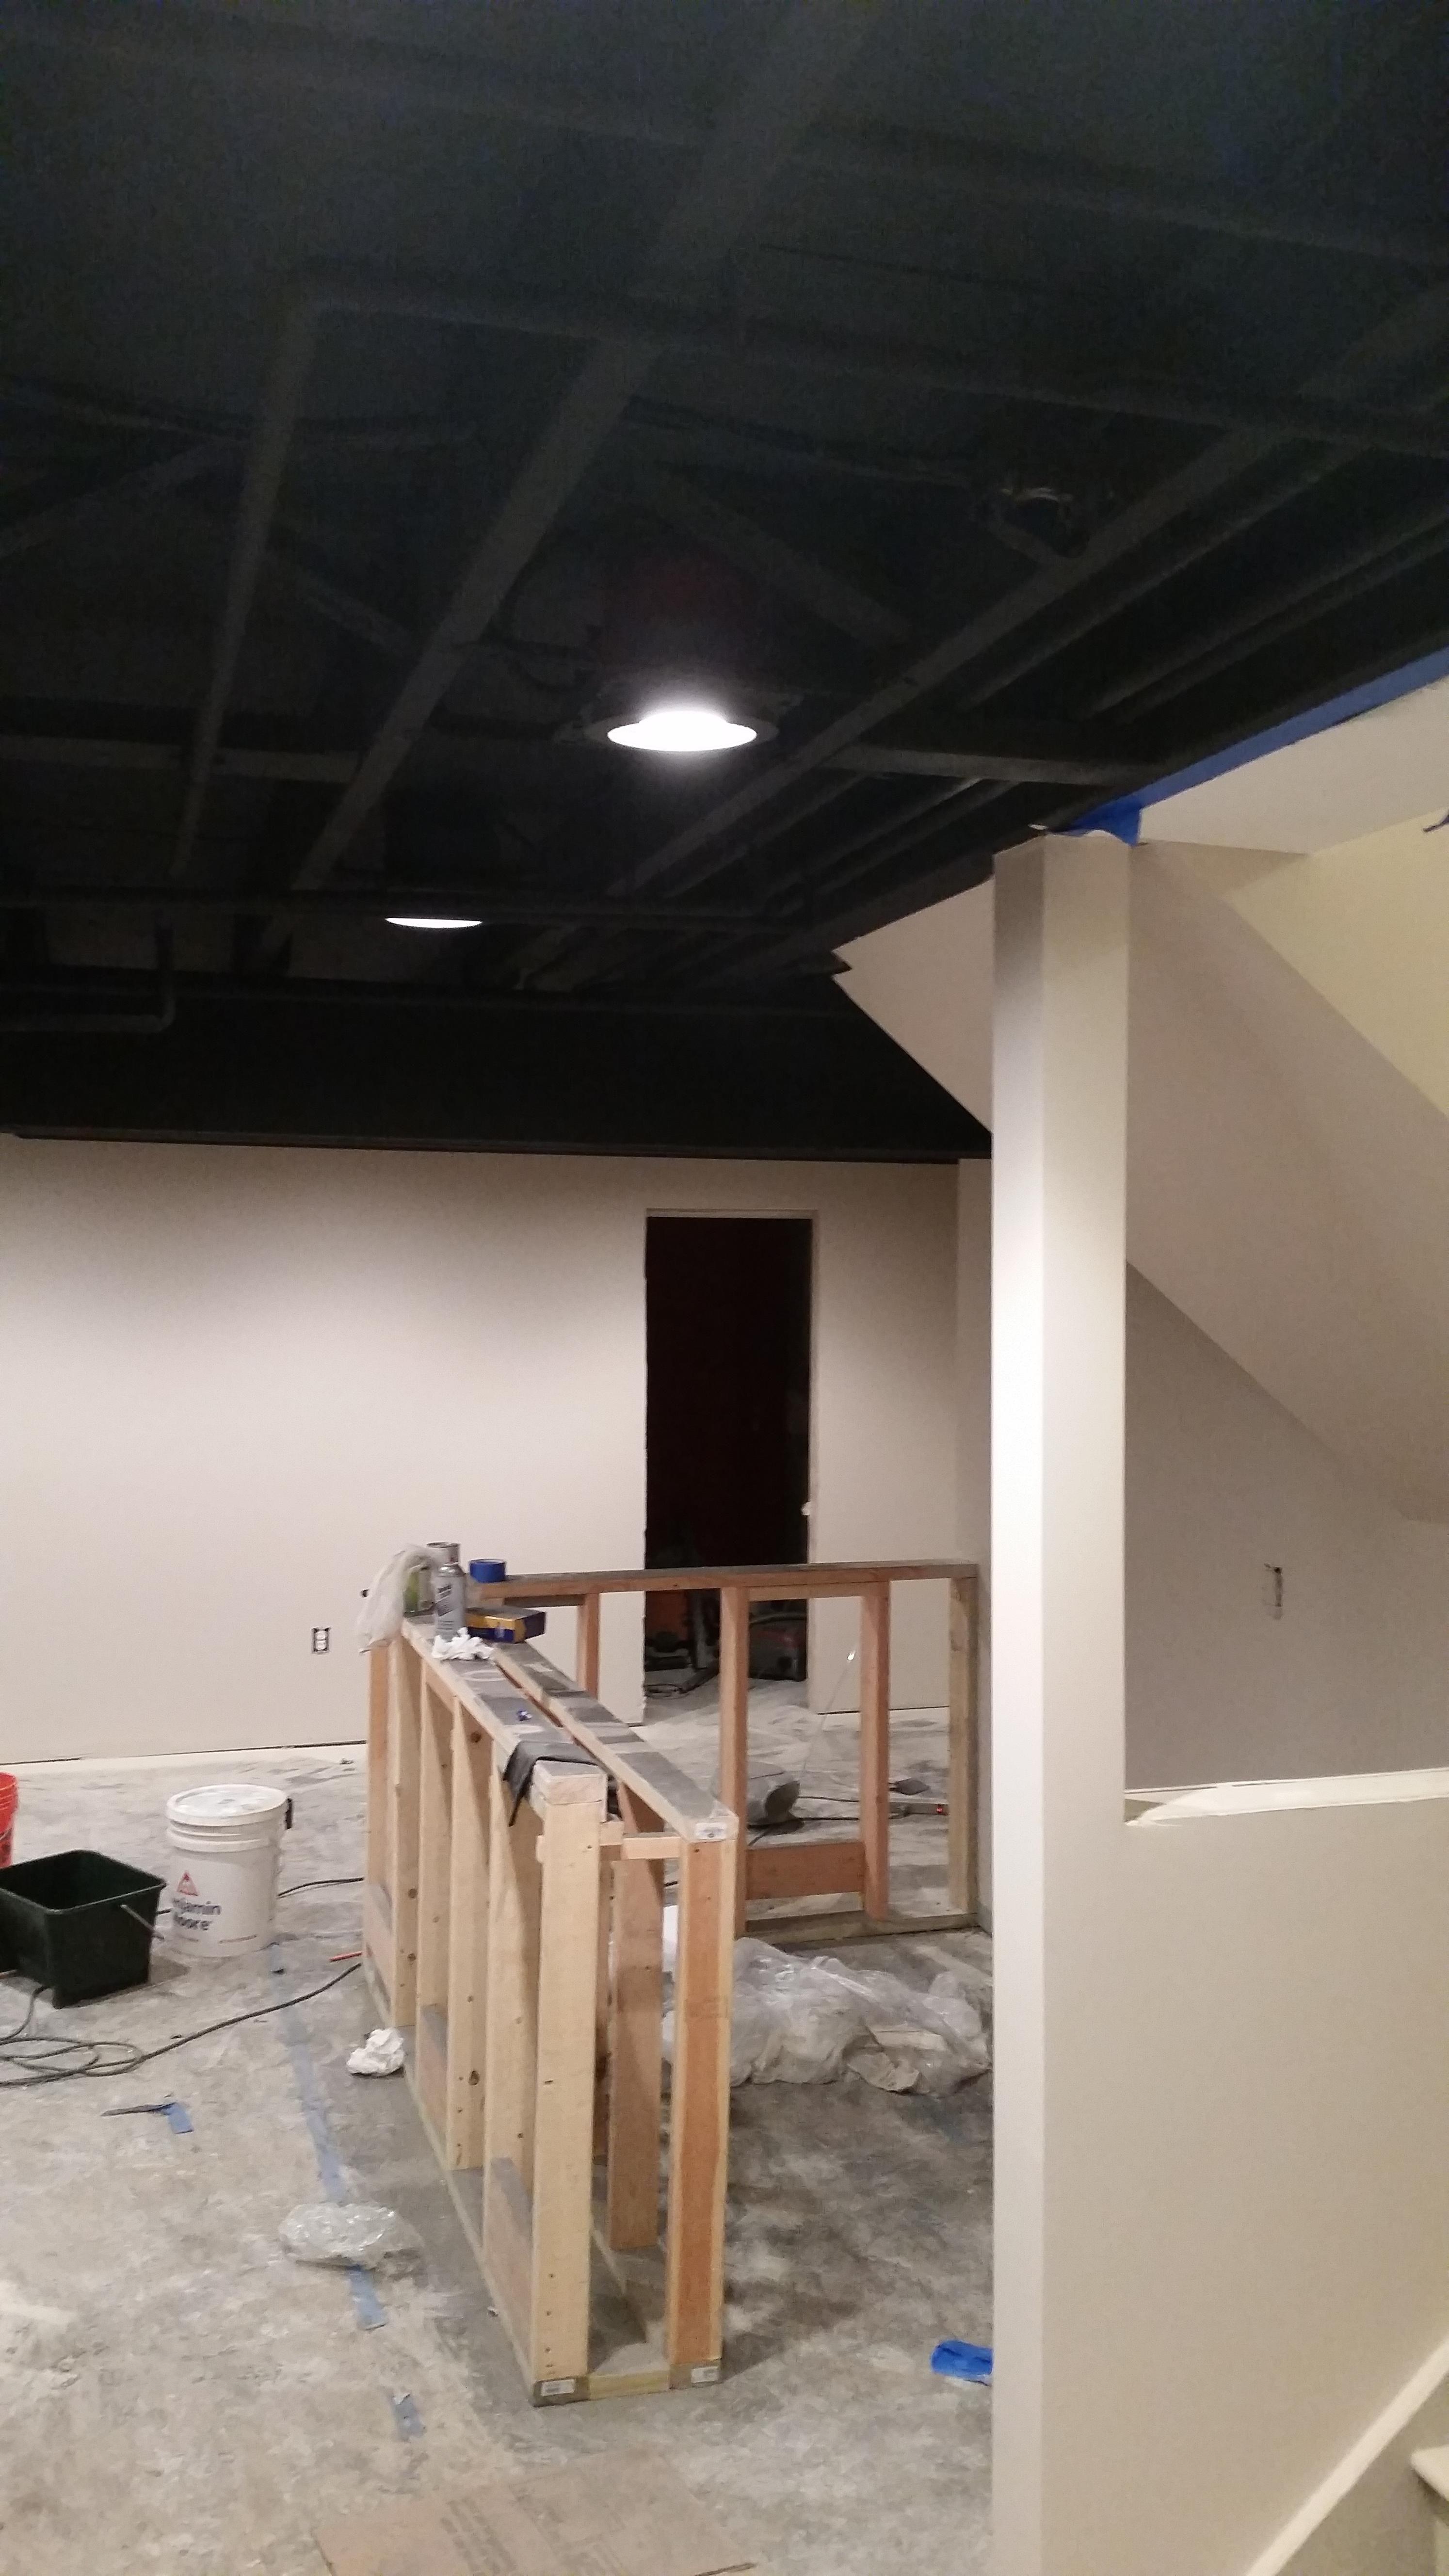 Exposed Basement Ceiling Sprayed Black Diy In 2019